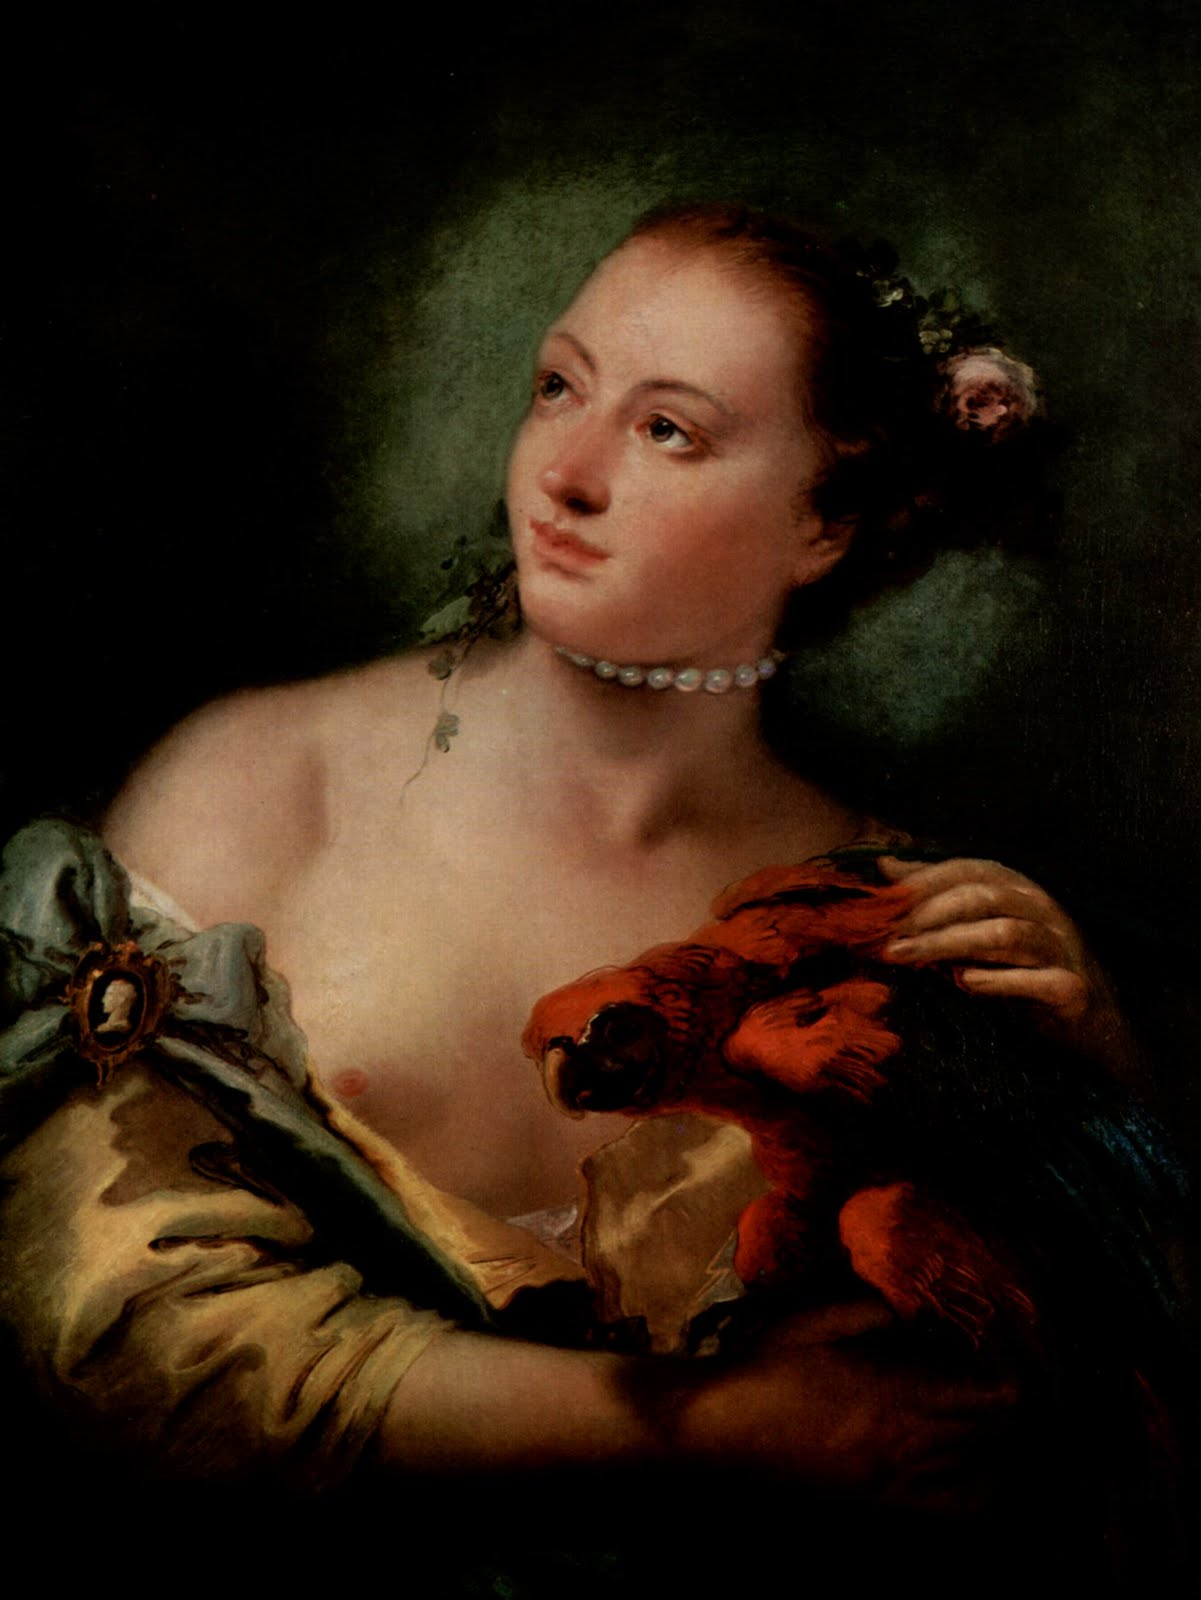 http://1.bp.blogspot.com/_pwbWPOi6c30/S-cetnpFcxI/AAAAAAAAAD4/O0-nb_ww8O0/s1600/Giovanni_Battista_Tiepolo.jpg